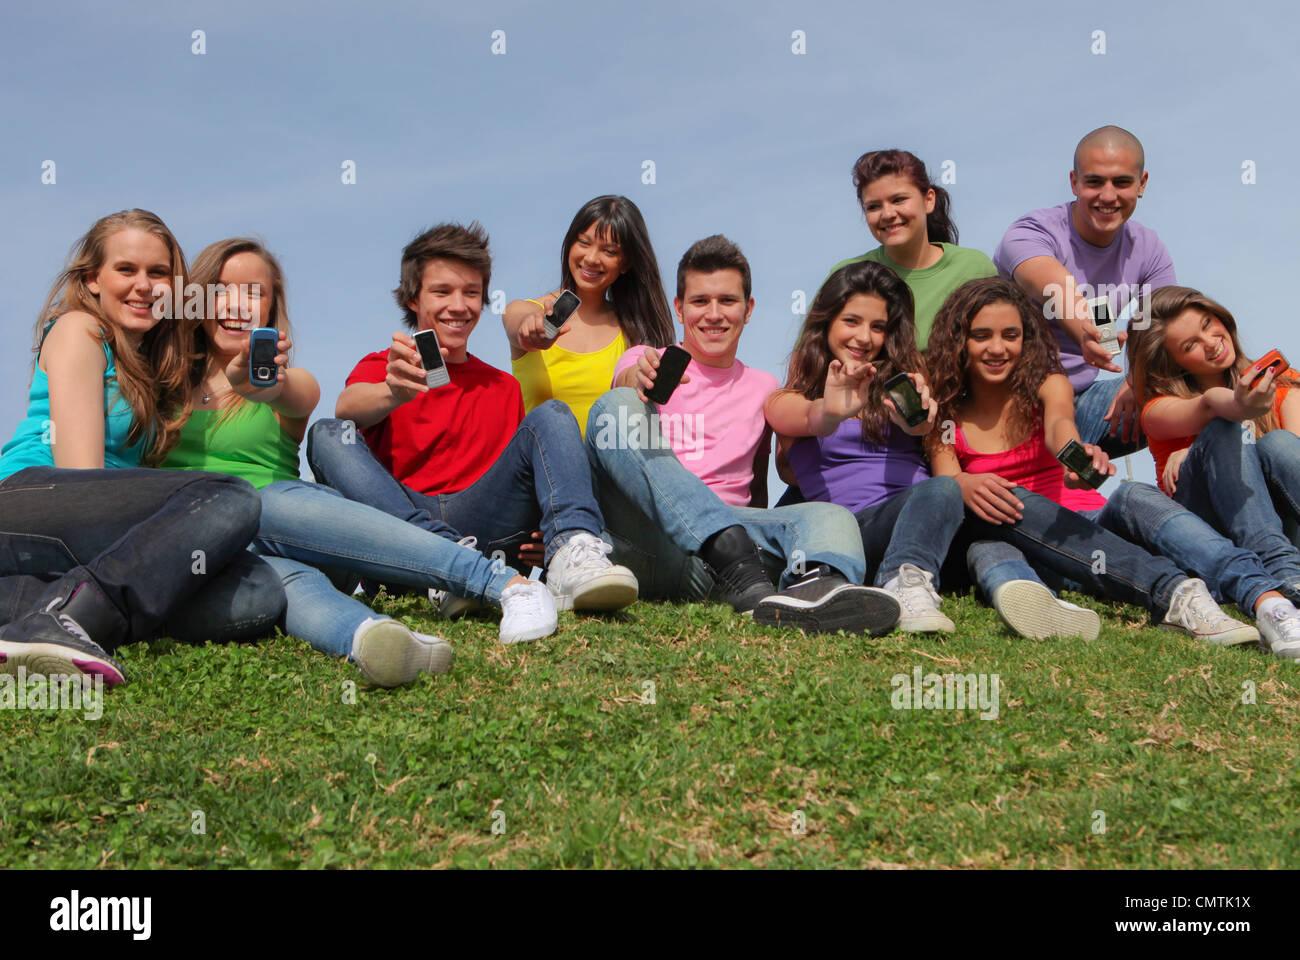 Felice gruppo di ragazzi con i telefoni cellulari Immagini Stock